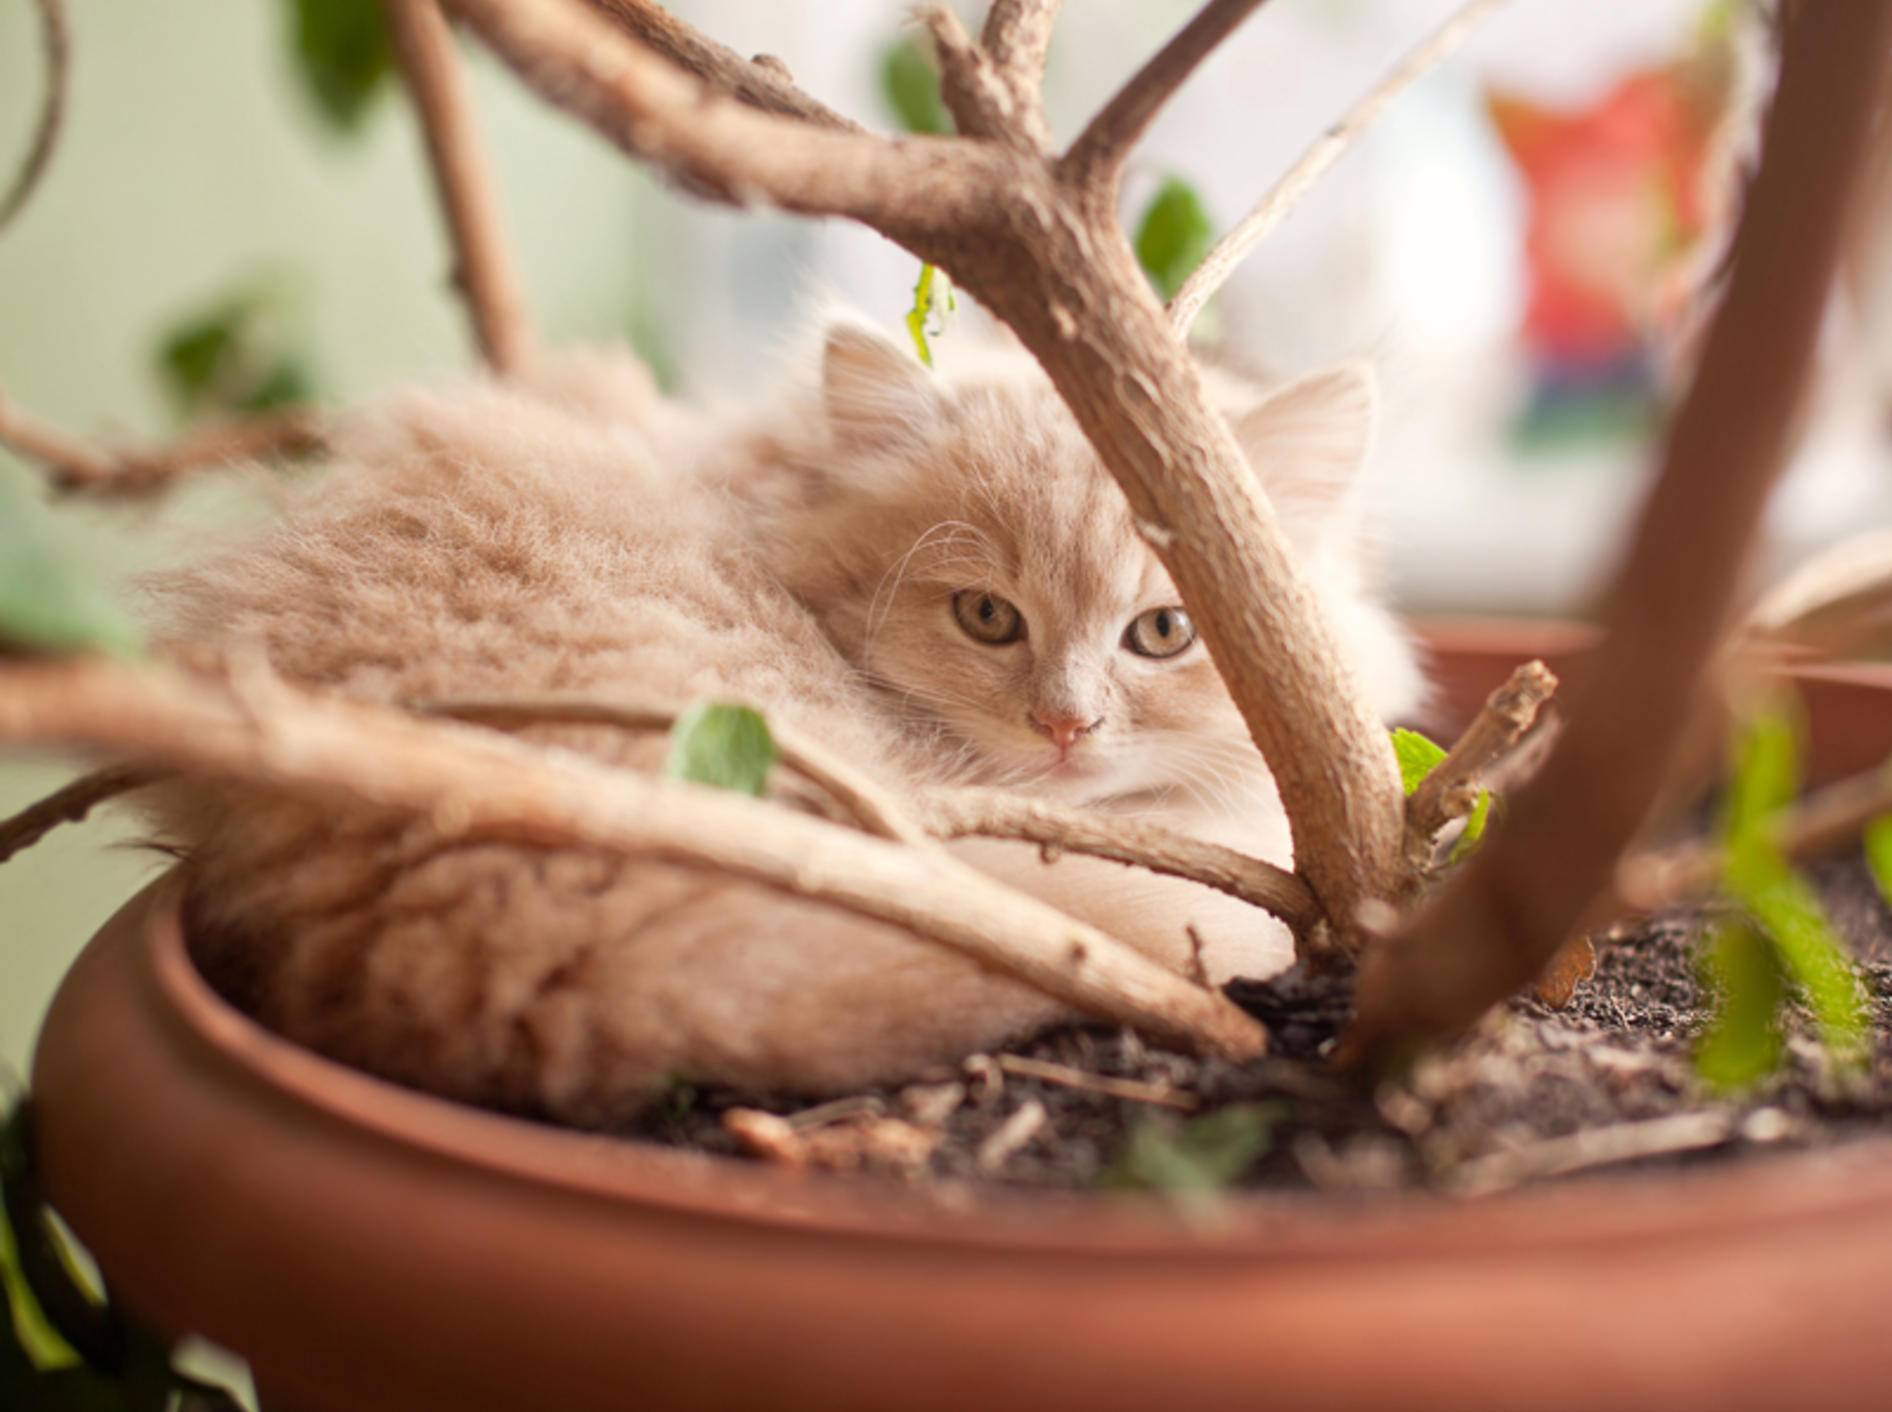 """""""Hier im Blumentopf lässt es sich aushalten"""", findet dieses rote Flauschkätzchen – Shutterstock / Nykonchuk Oleksii"""